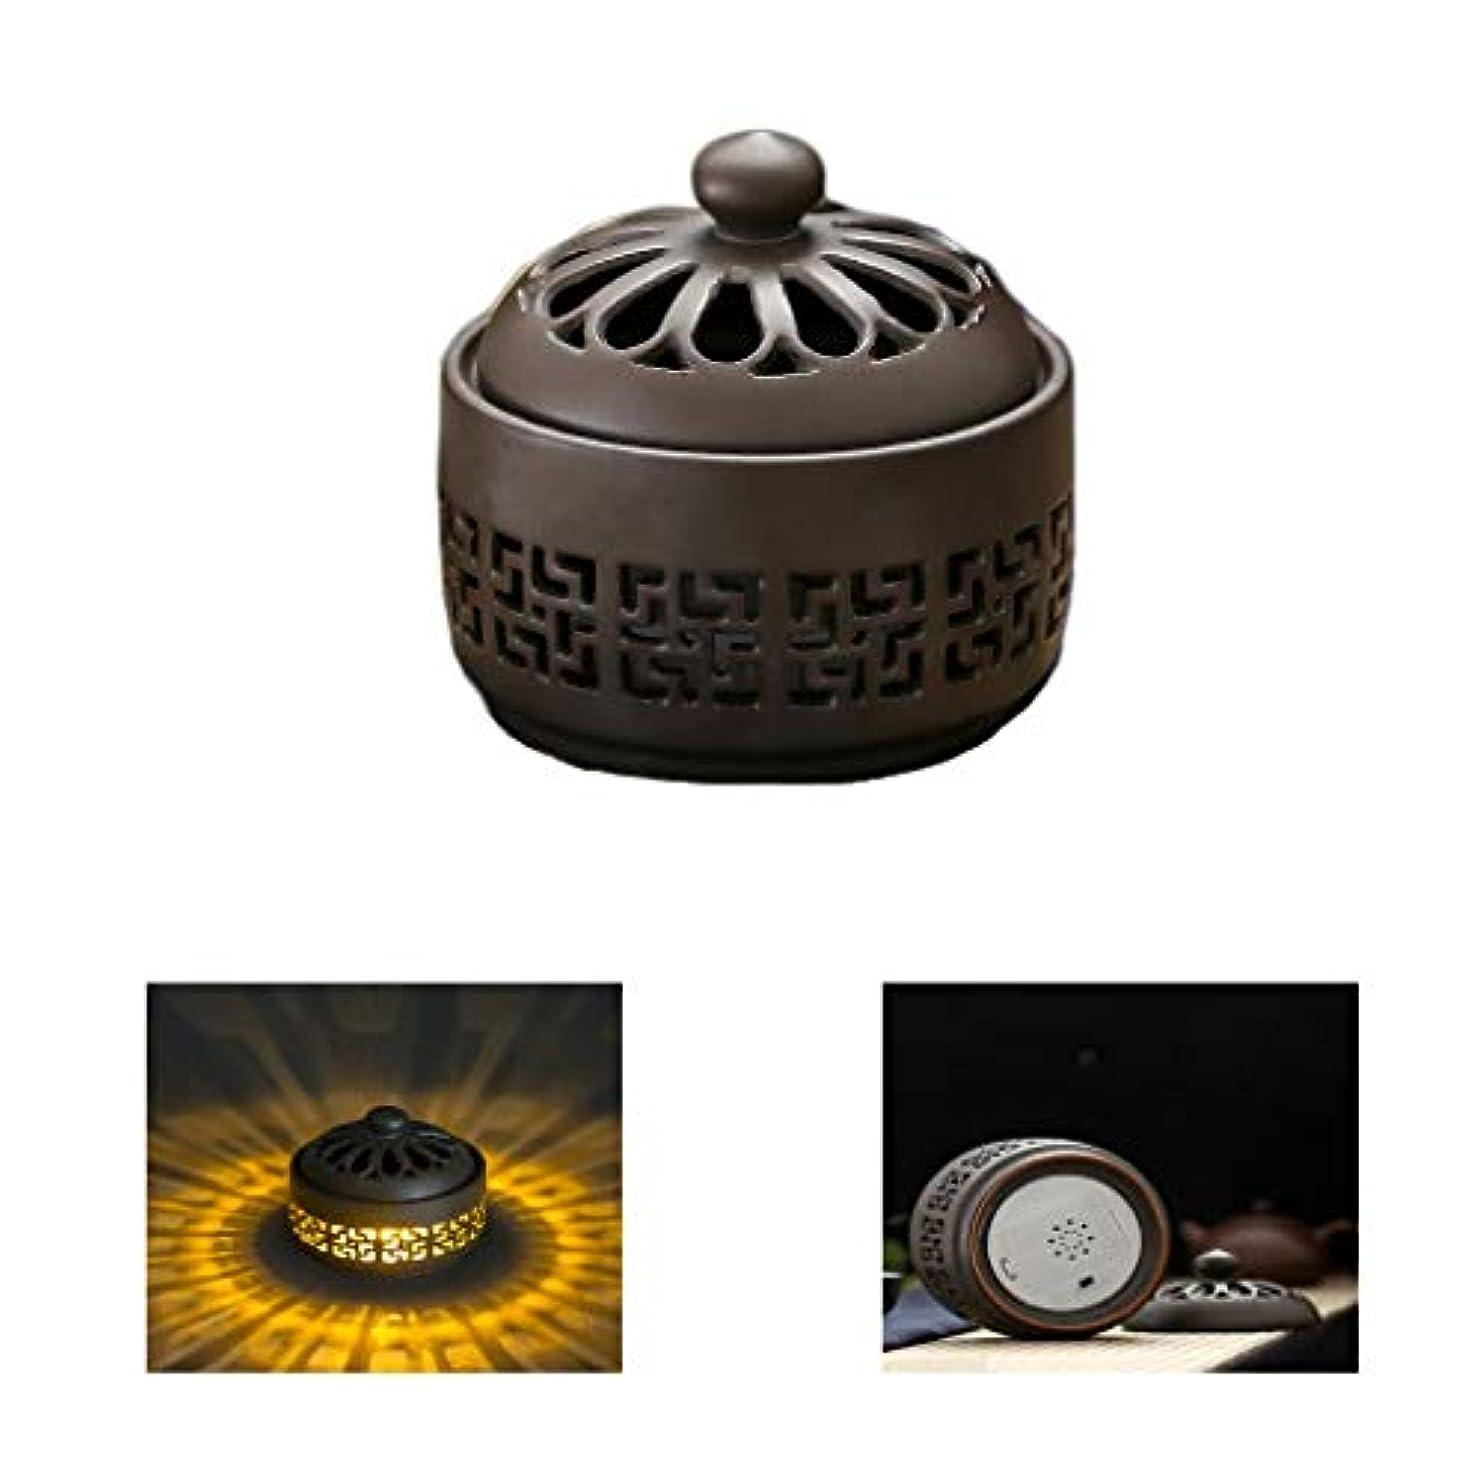 不安定老朽化したスクワイア芳香器?アロマバーナー LED暖かい光香バーナーレトロノスタルジックなセラミック香炉高温アロマセラピー炉 アロマバーナー (Color : Earth tones)